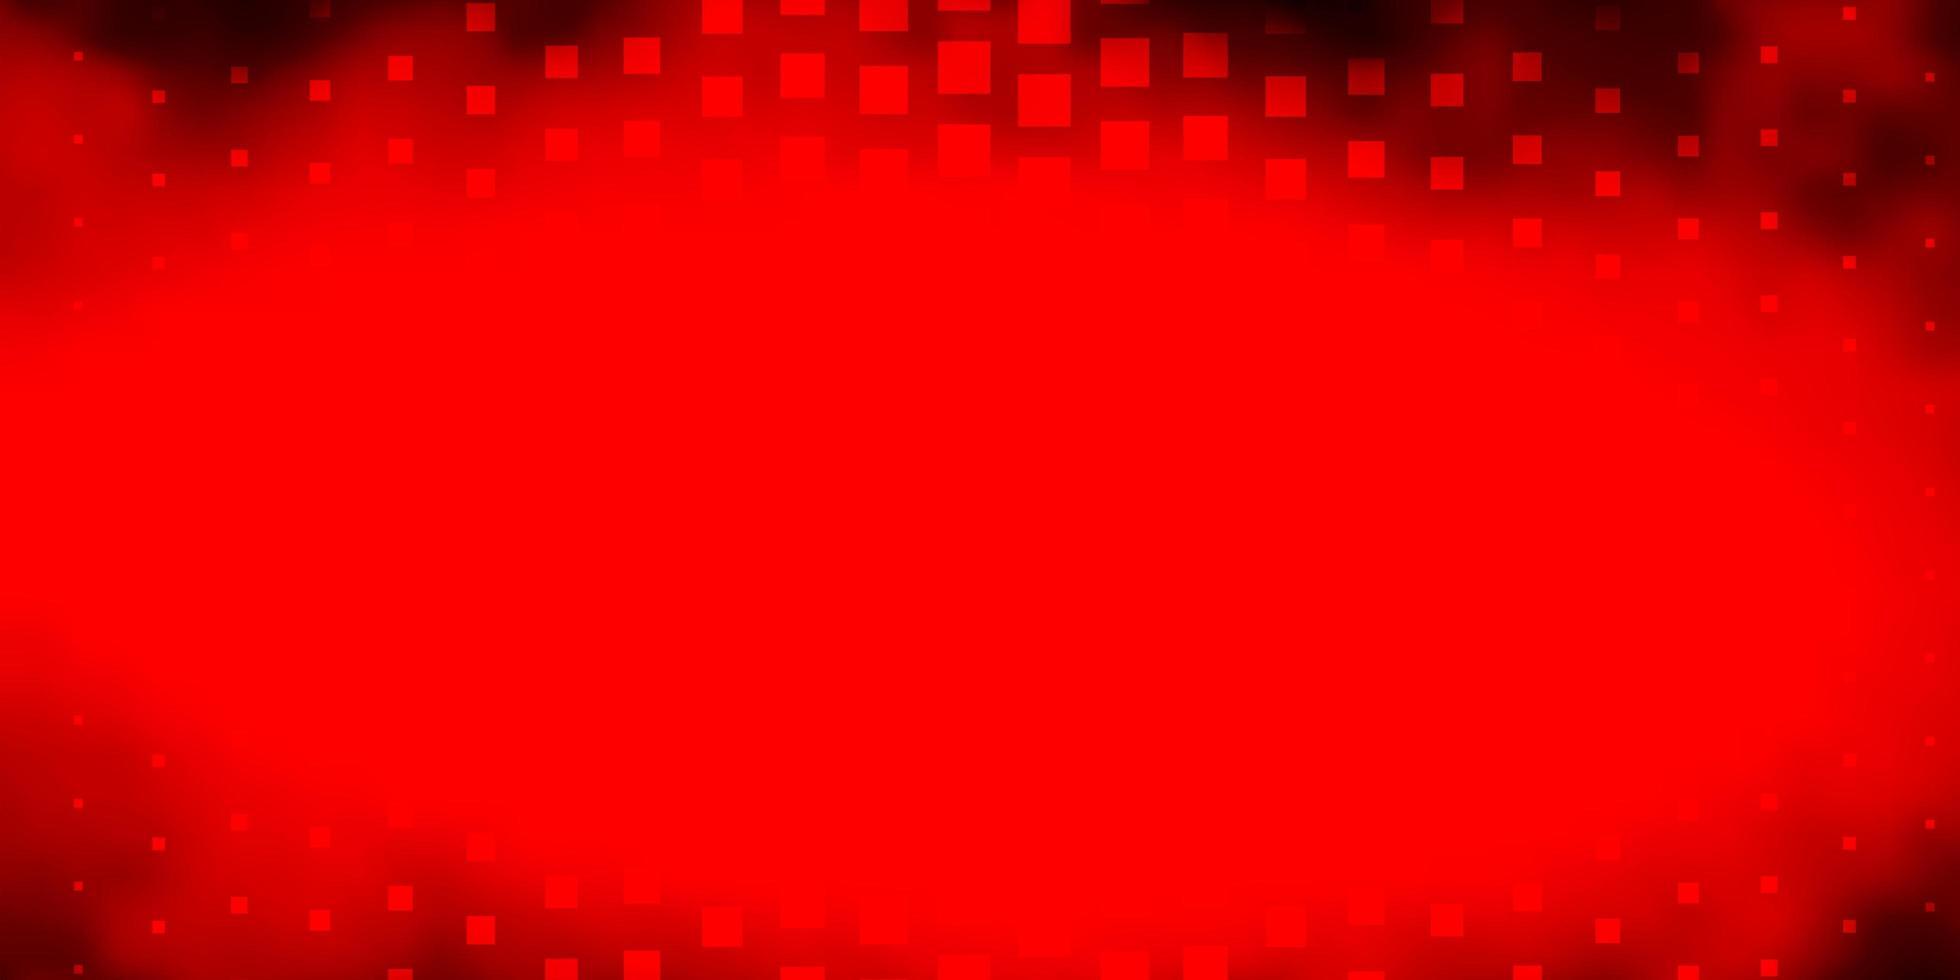 toile de fond de vecteur rouge foncé avec des rectangles.